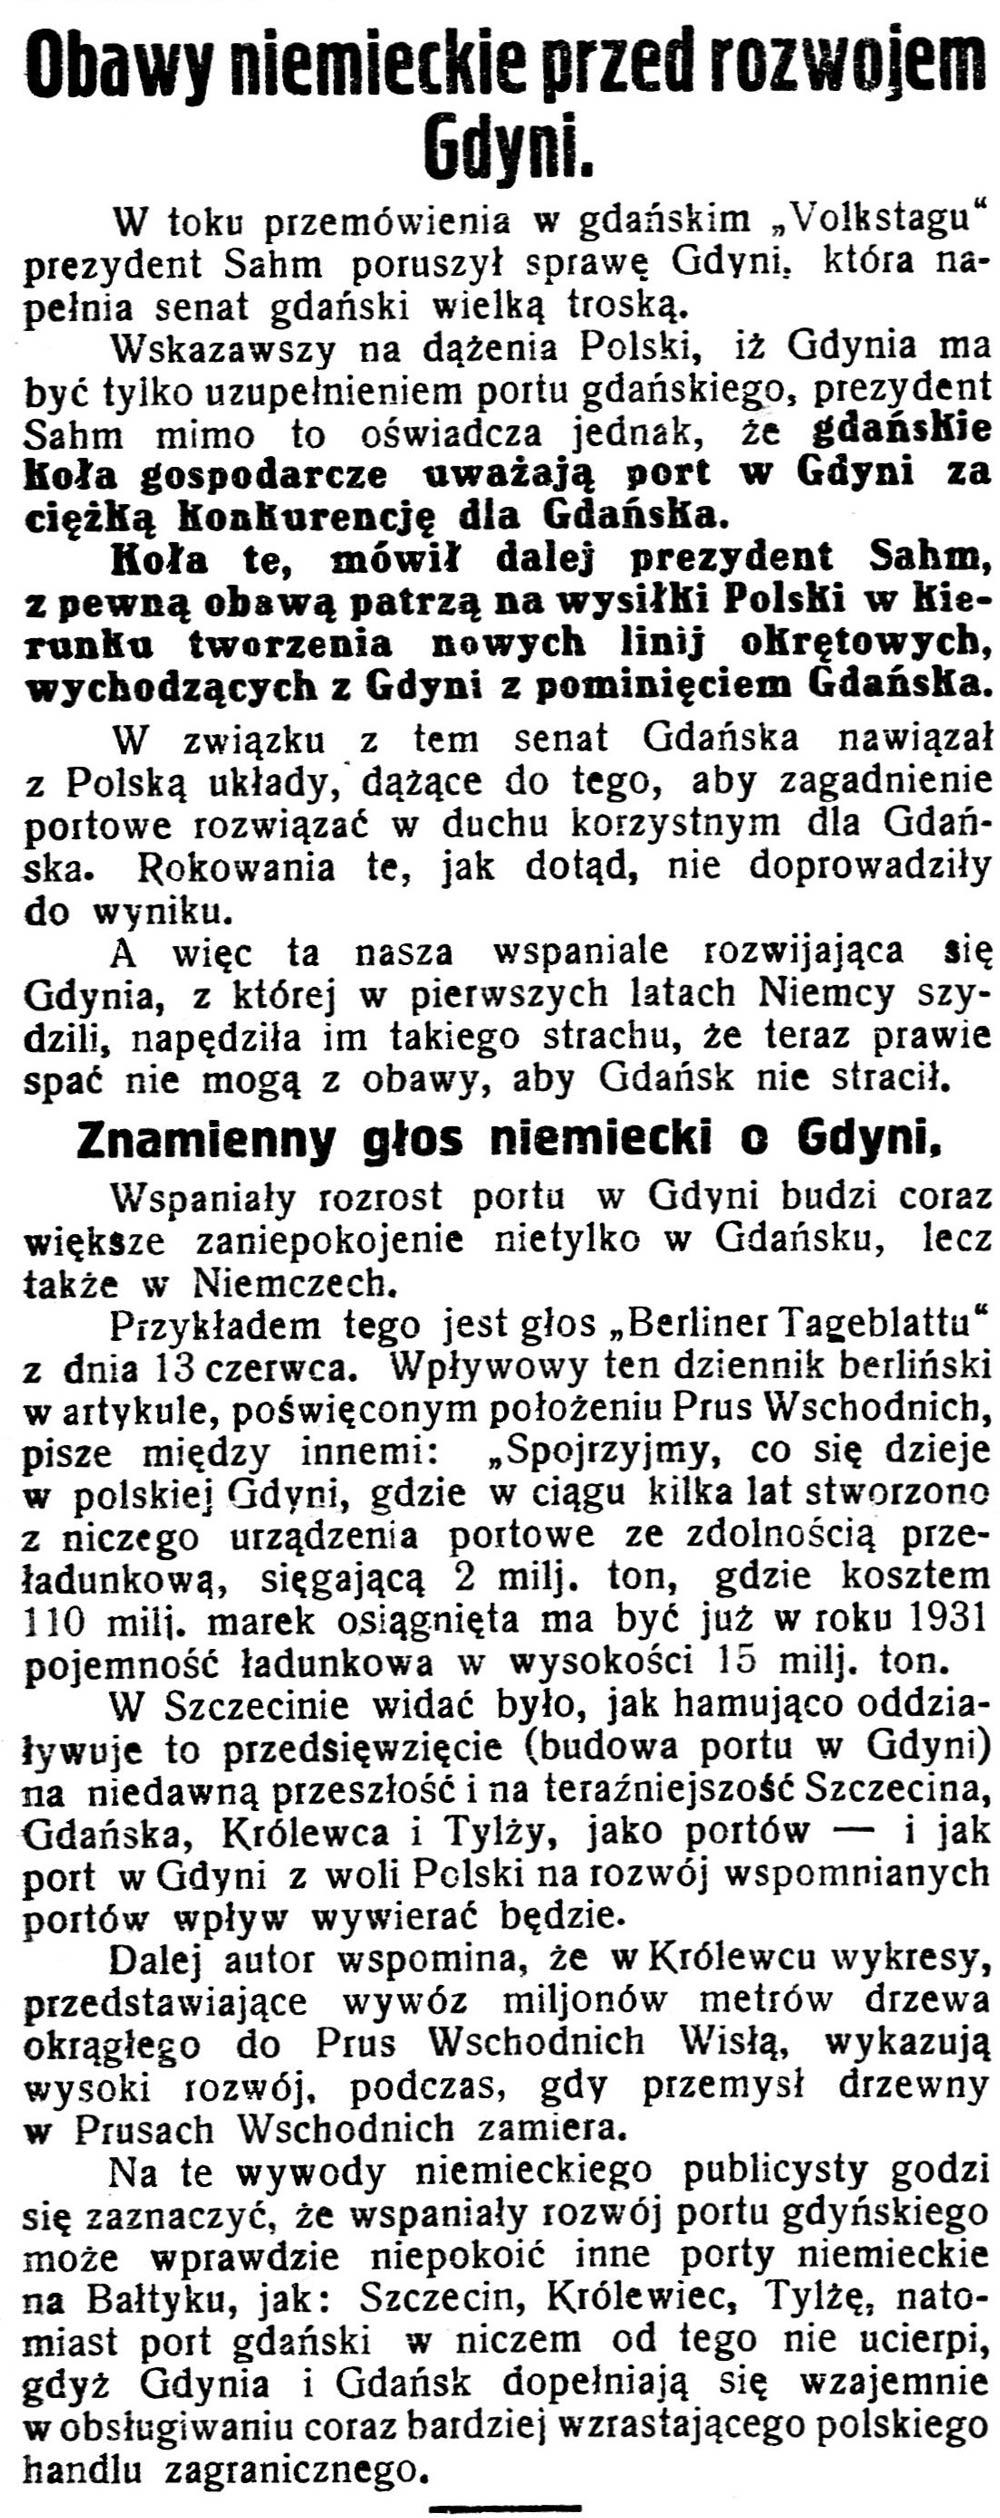 Obawy niemieckie przed rozwojem Gdyni //Gazeta Kartuska. - 1929, nr 74, s. 3